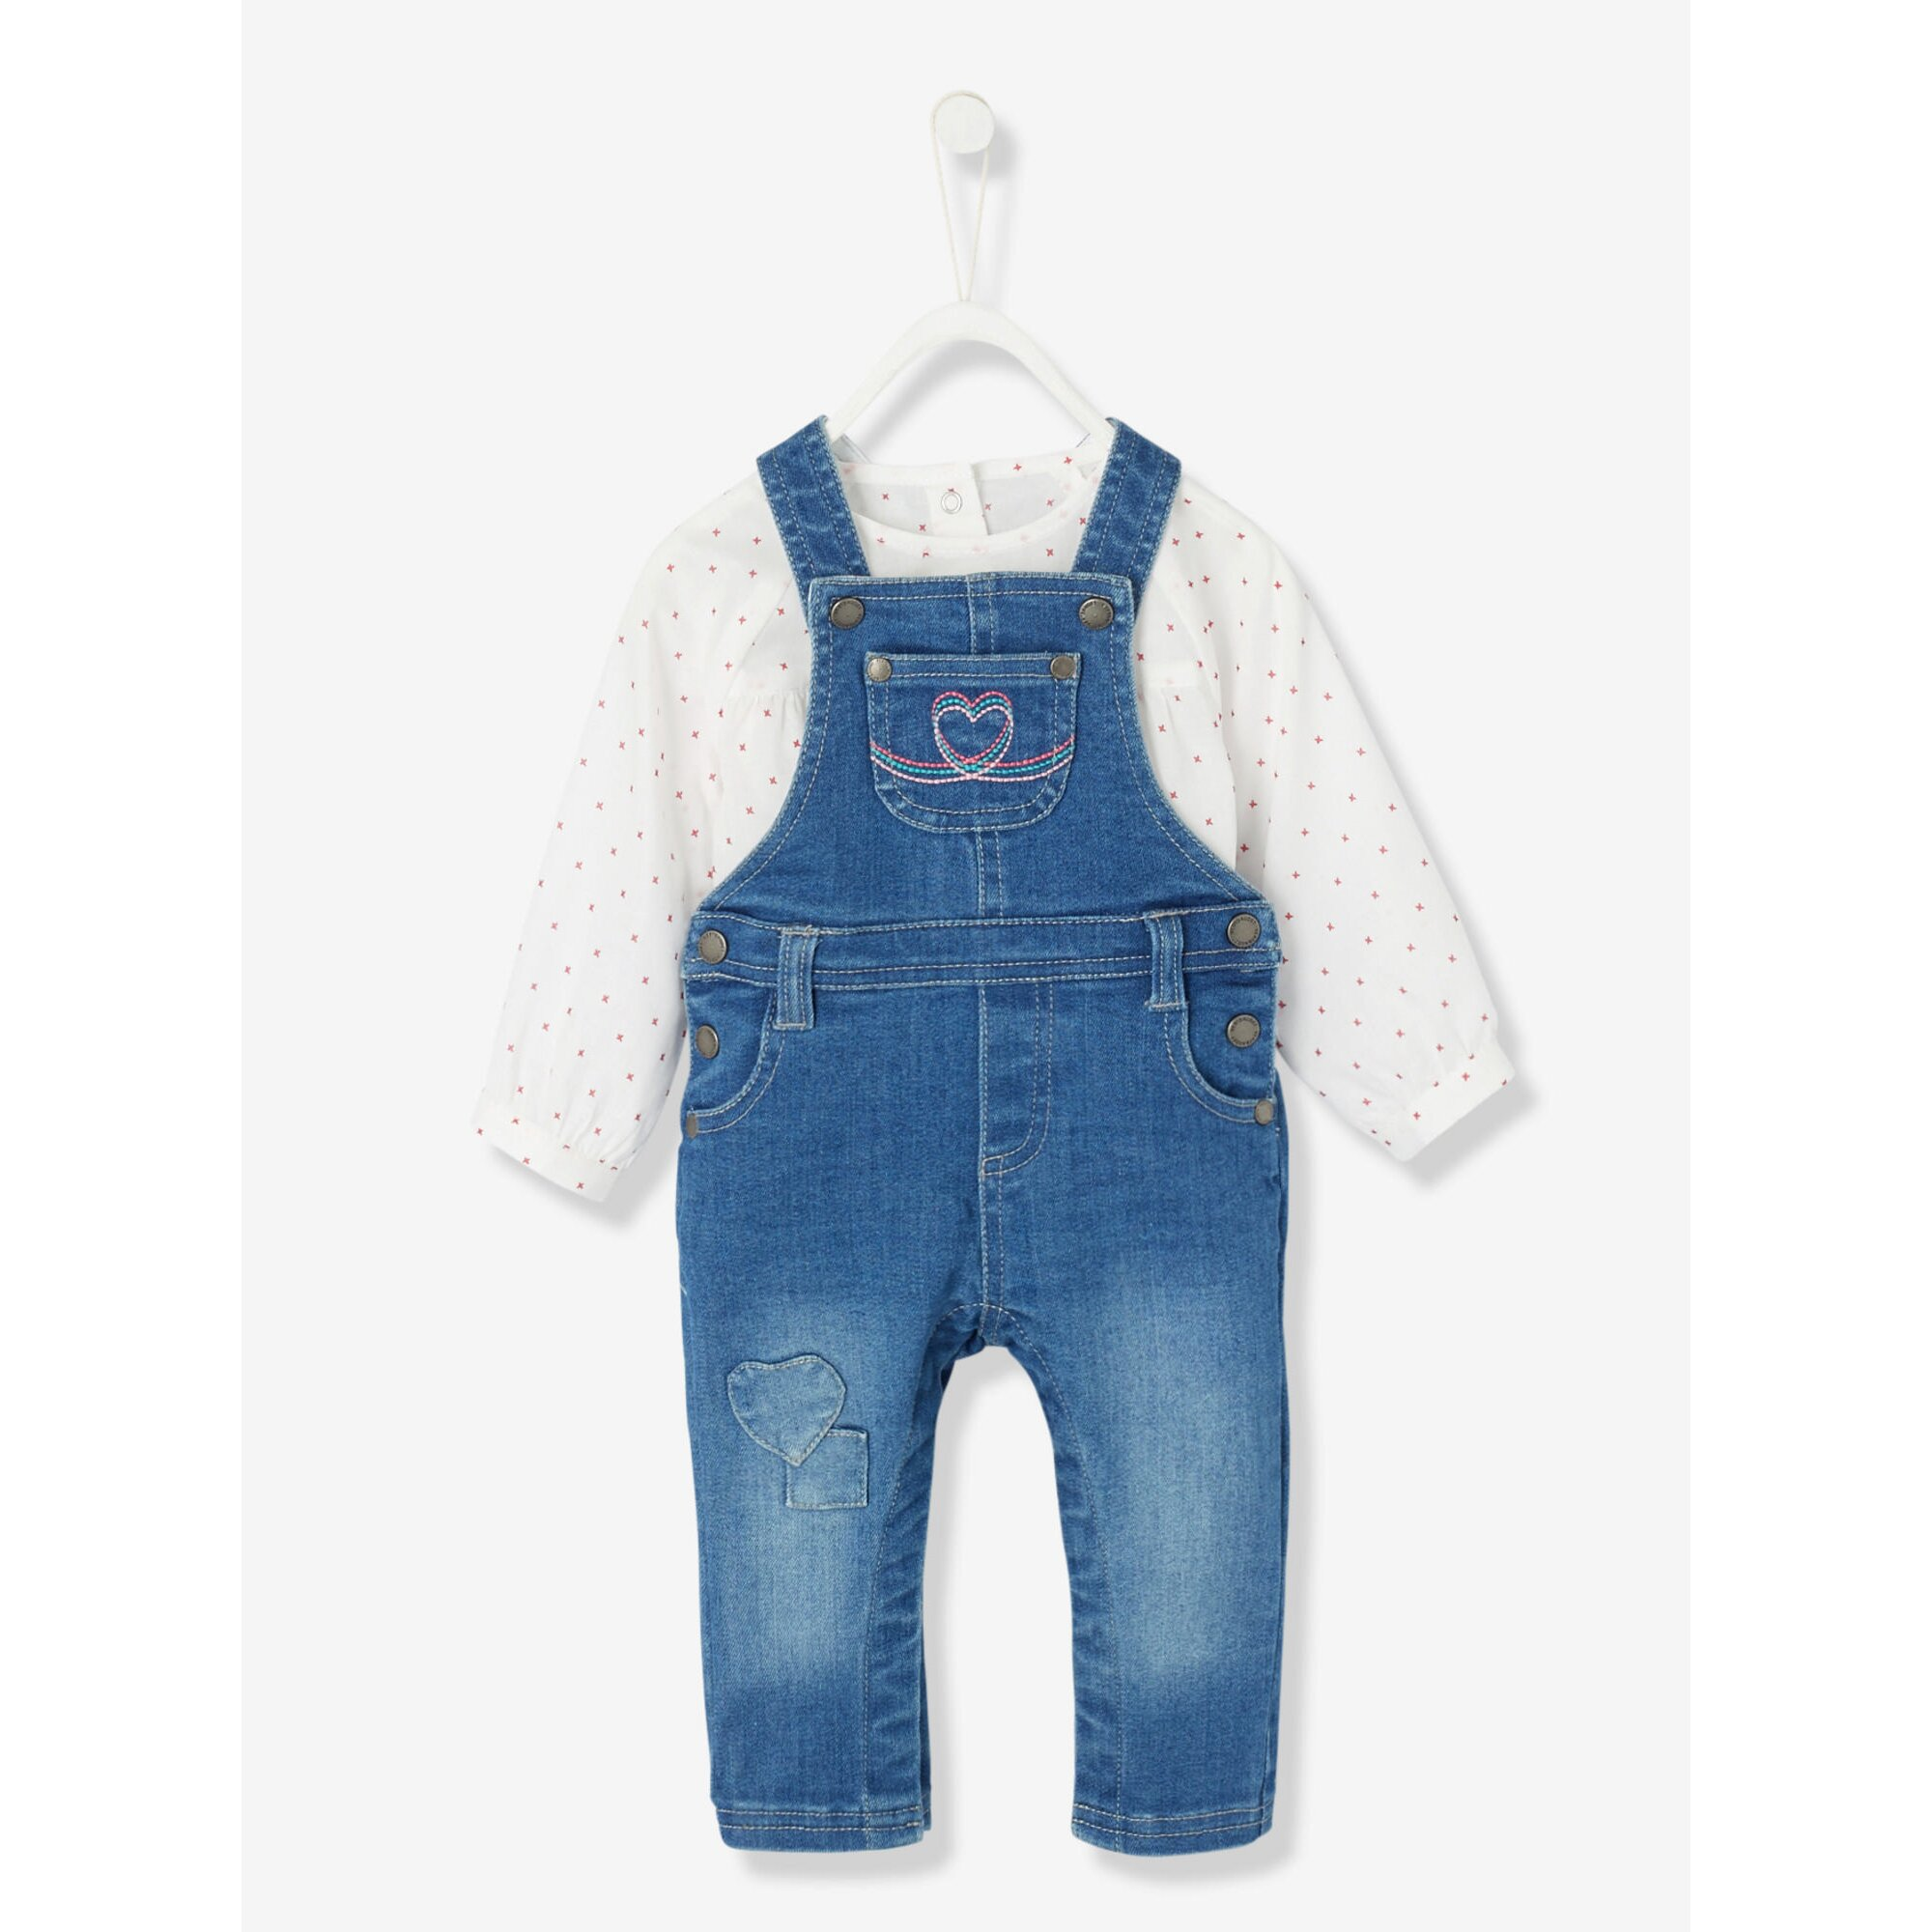 vertbaudet-set-baby-madchen-bluse-und-jeans-latzhose, 30.99 EUR @ babywalz-de